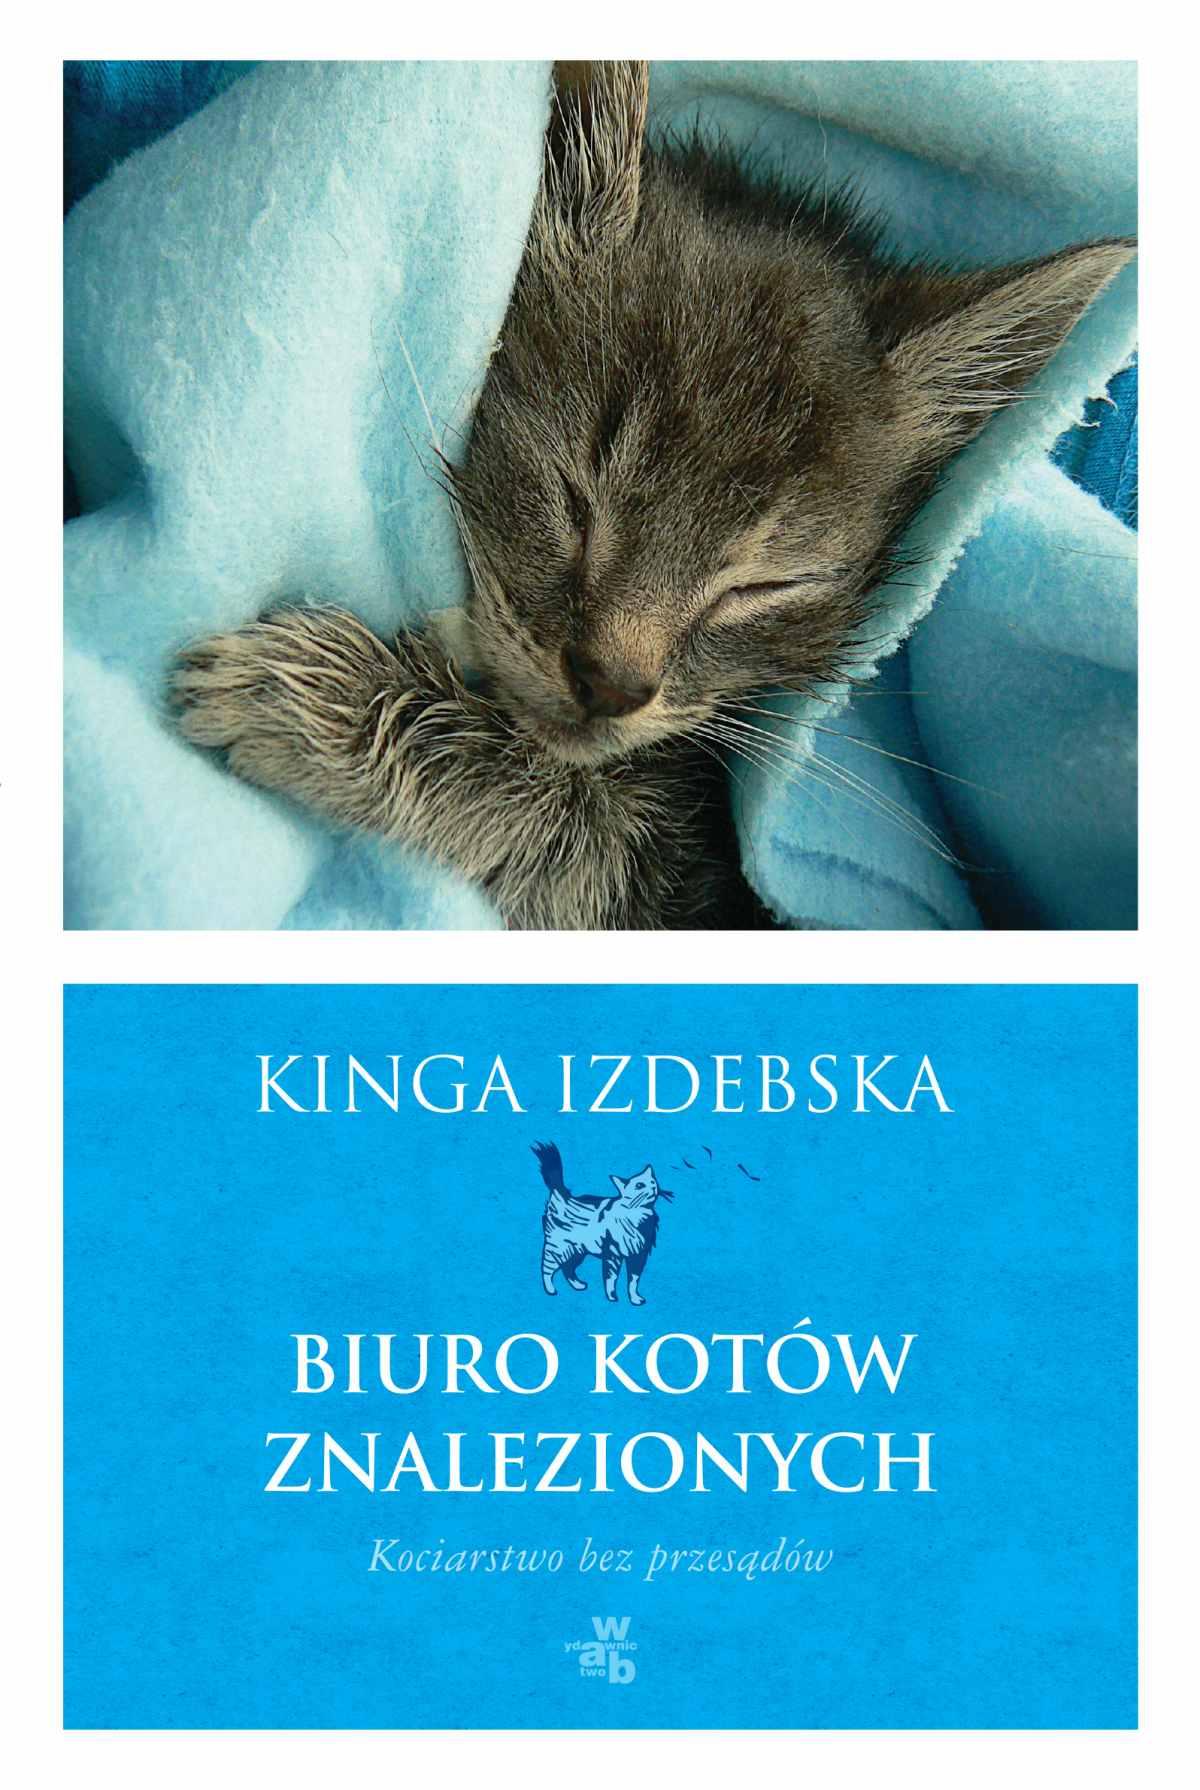 Biuro kotów znalezionych - Ebook (Książka EPUB) do pobrania w formacie EPUB